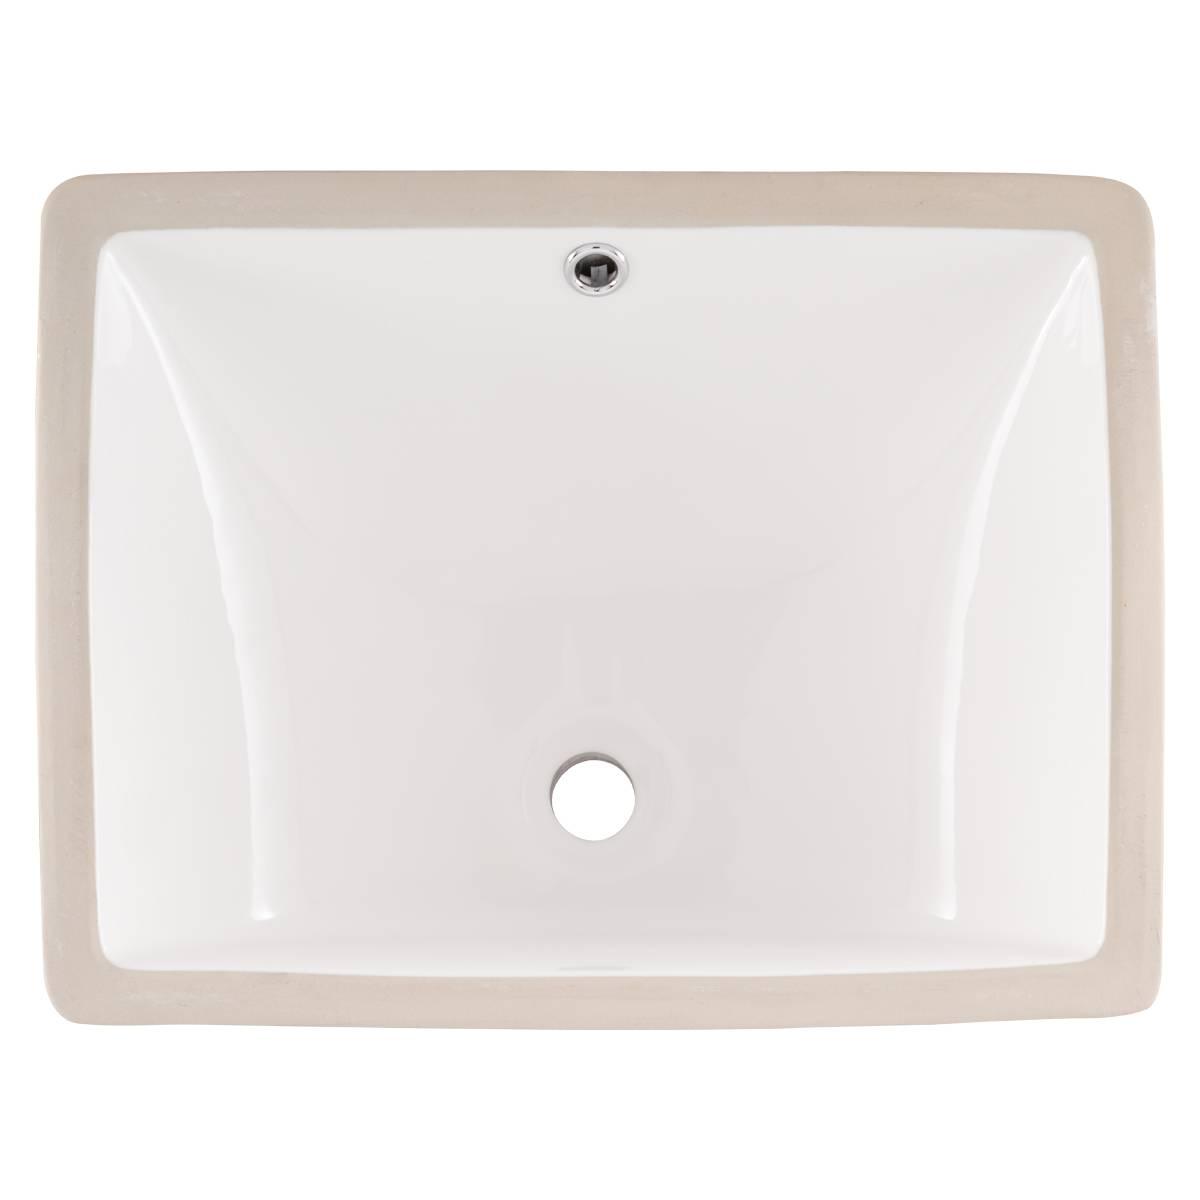 Sinks -porcelain-vanity-rectangle-white-2015-SIN-POR-UNDRECWHT-2015